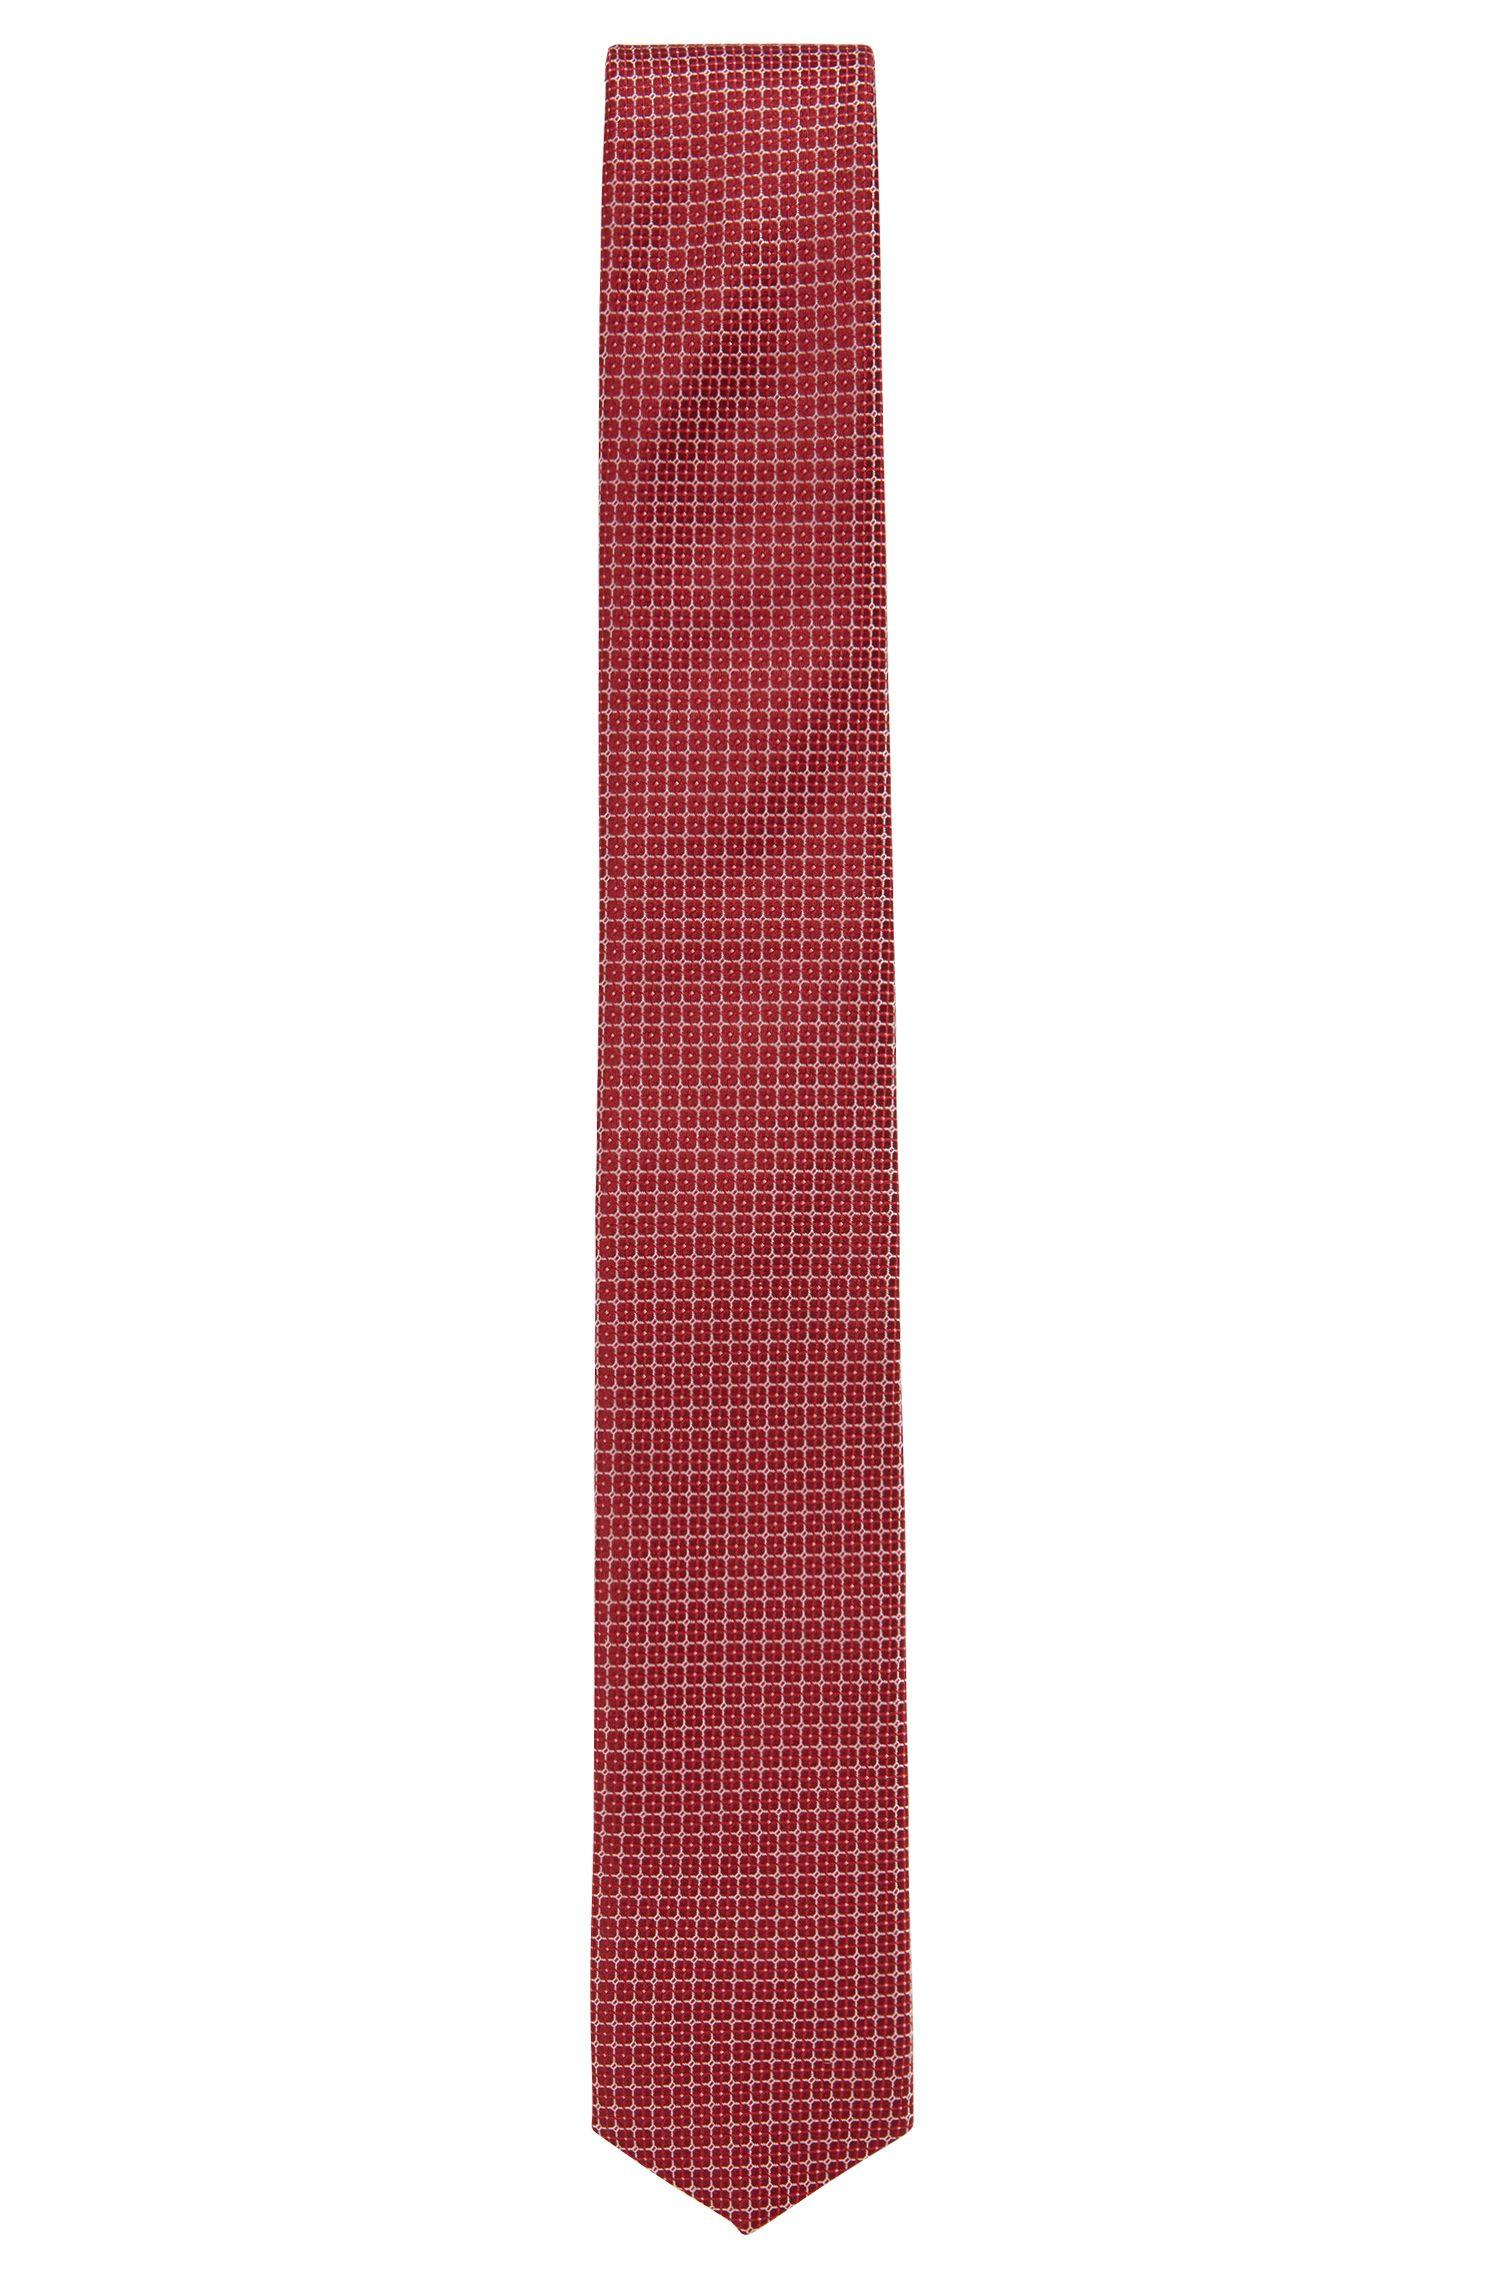 Cravate à micromotif en soie imperméable, Rouge